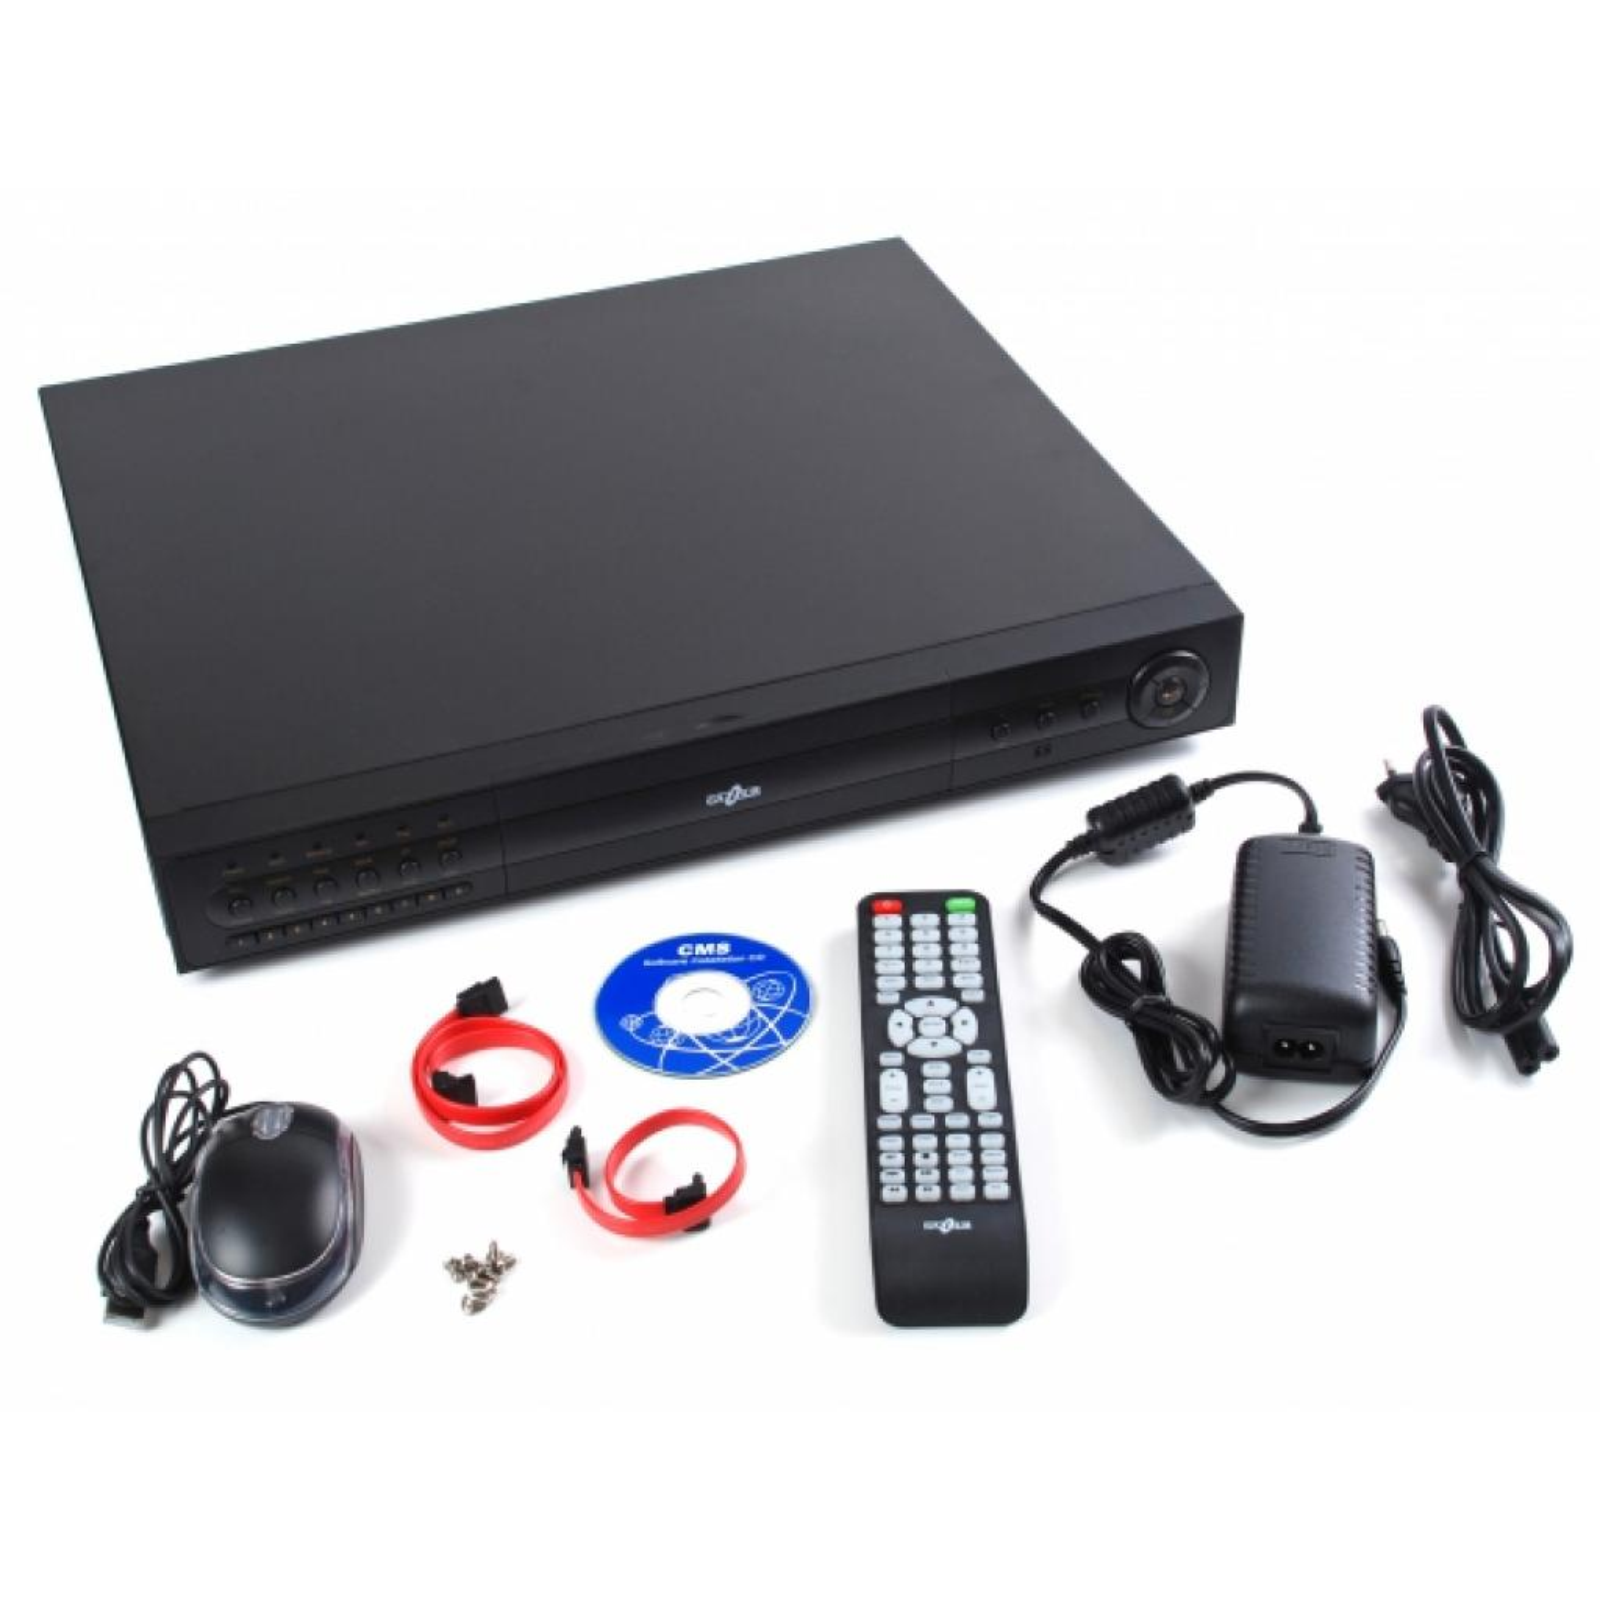 Регистратор для видеонаблюдения Gazer NF308me изображение 7